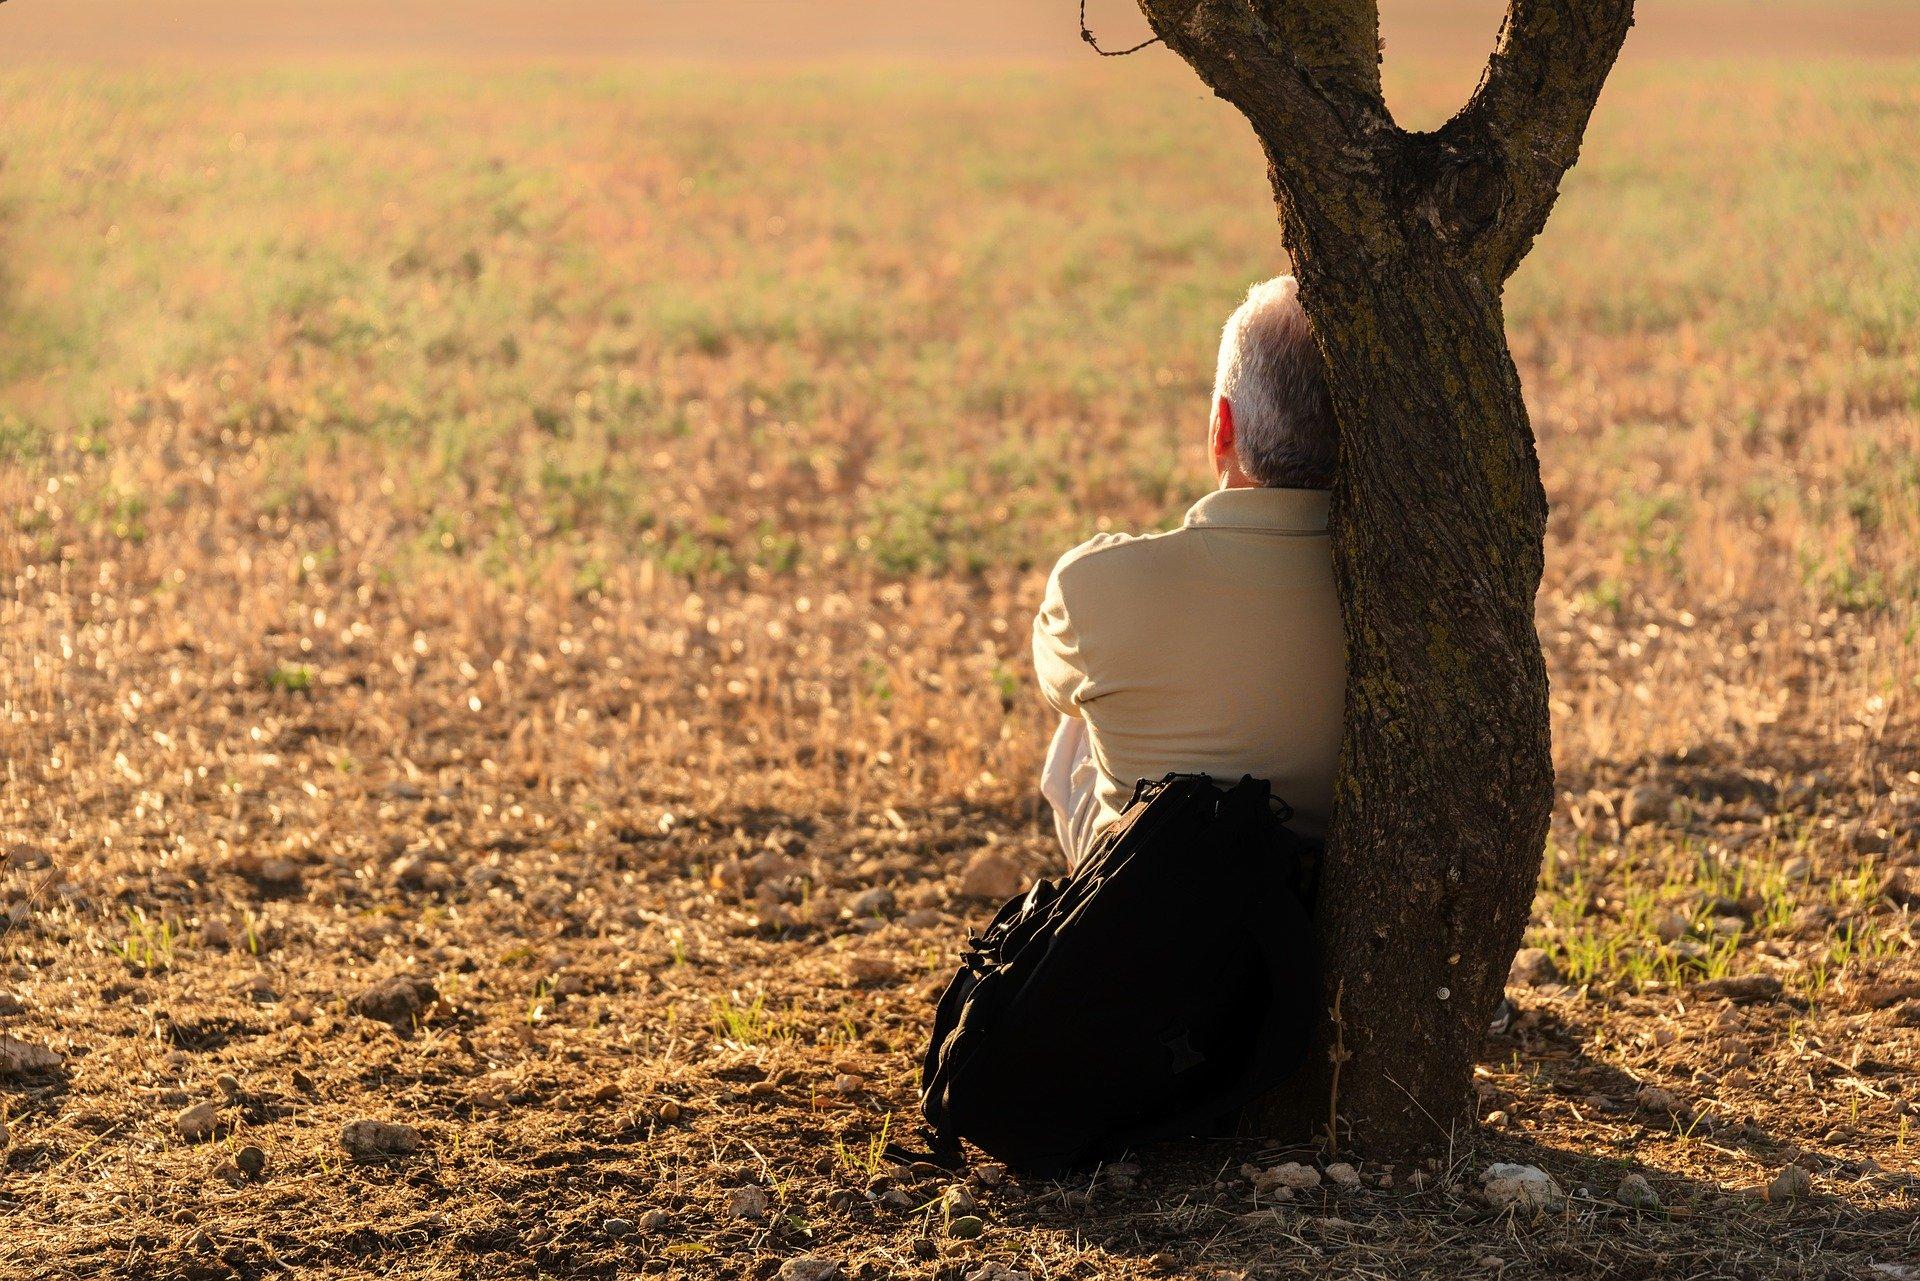 Wat te doen tegen eenzaamheid bij ouderen?